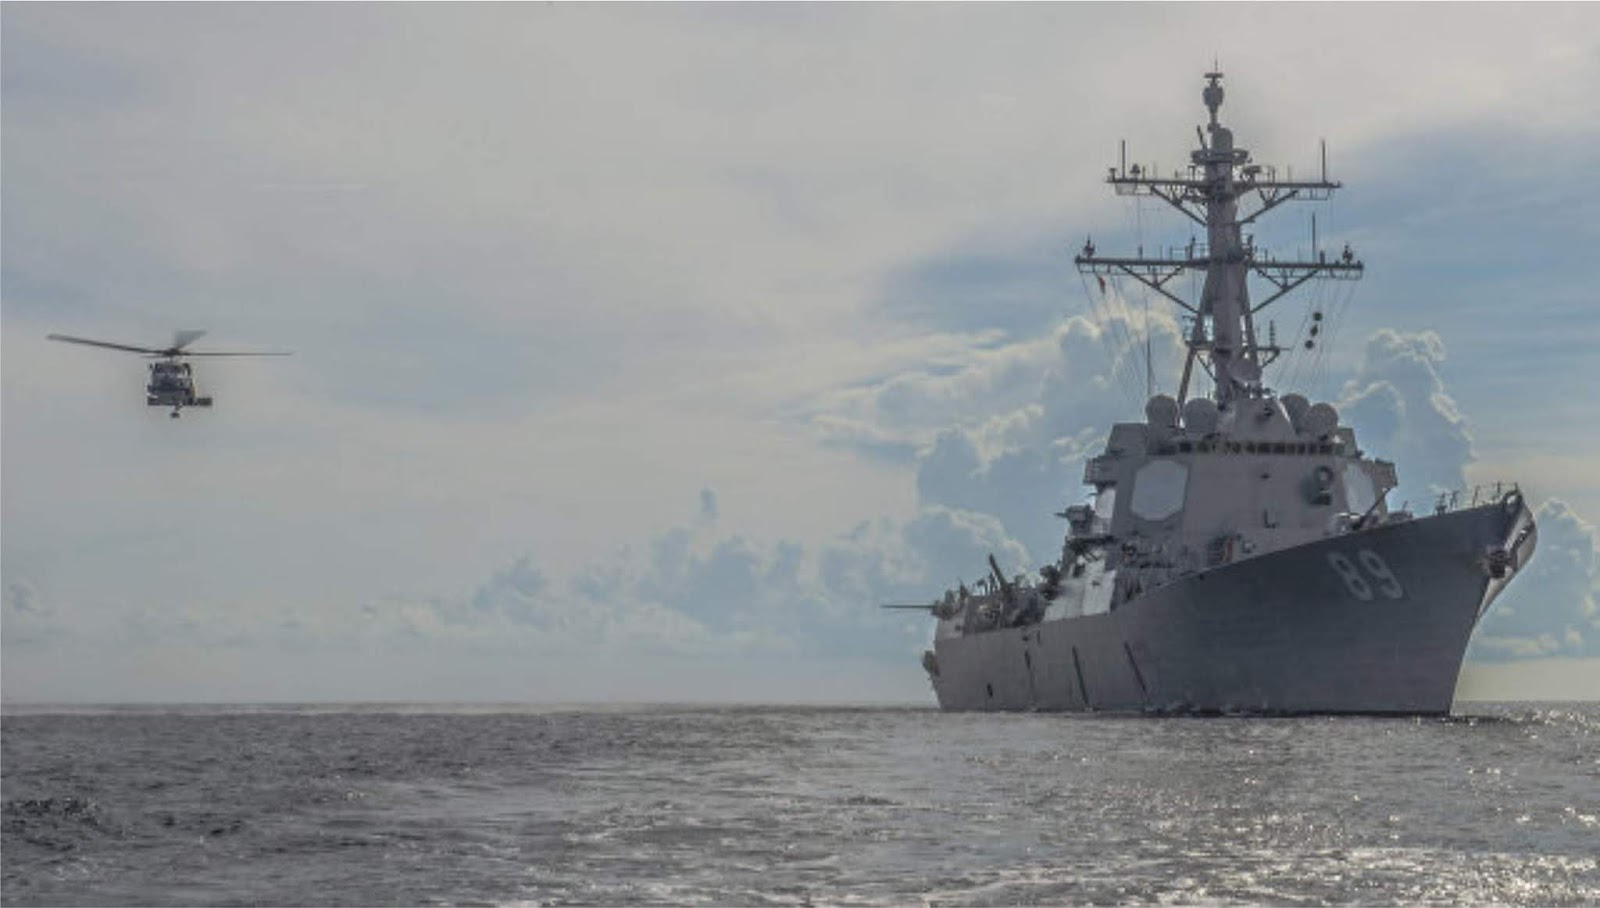 Amerika Serikat berhasil menguji rudal pencegat SM-3 Block IIA di Pasifik